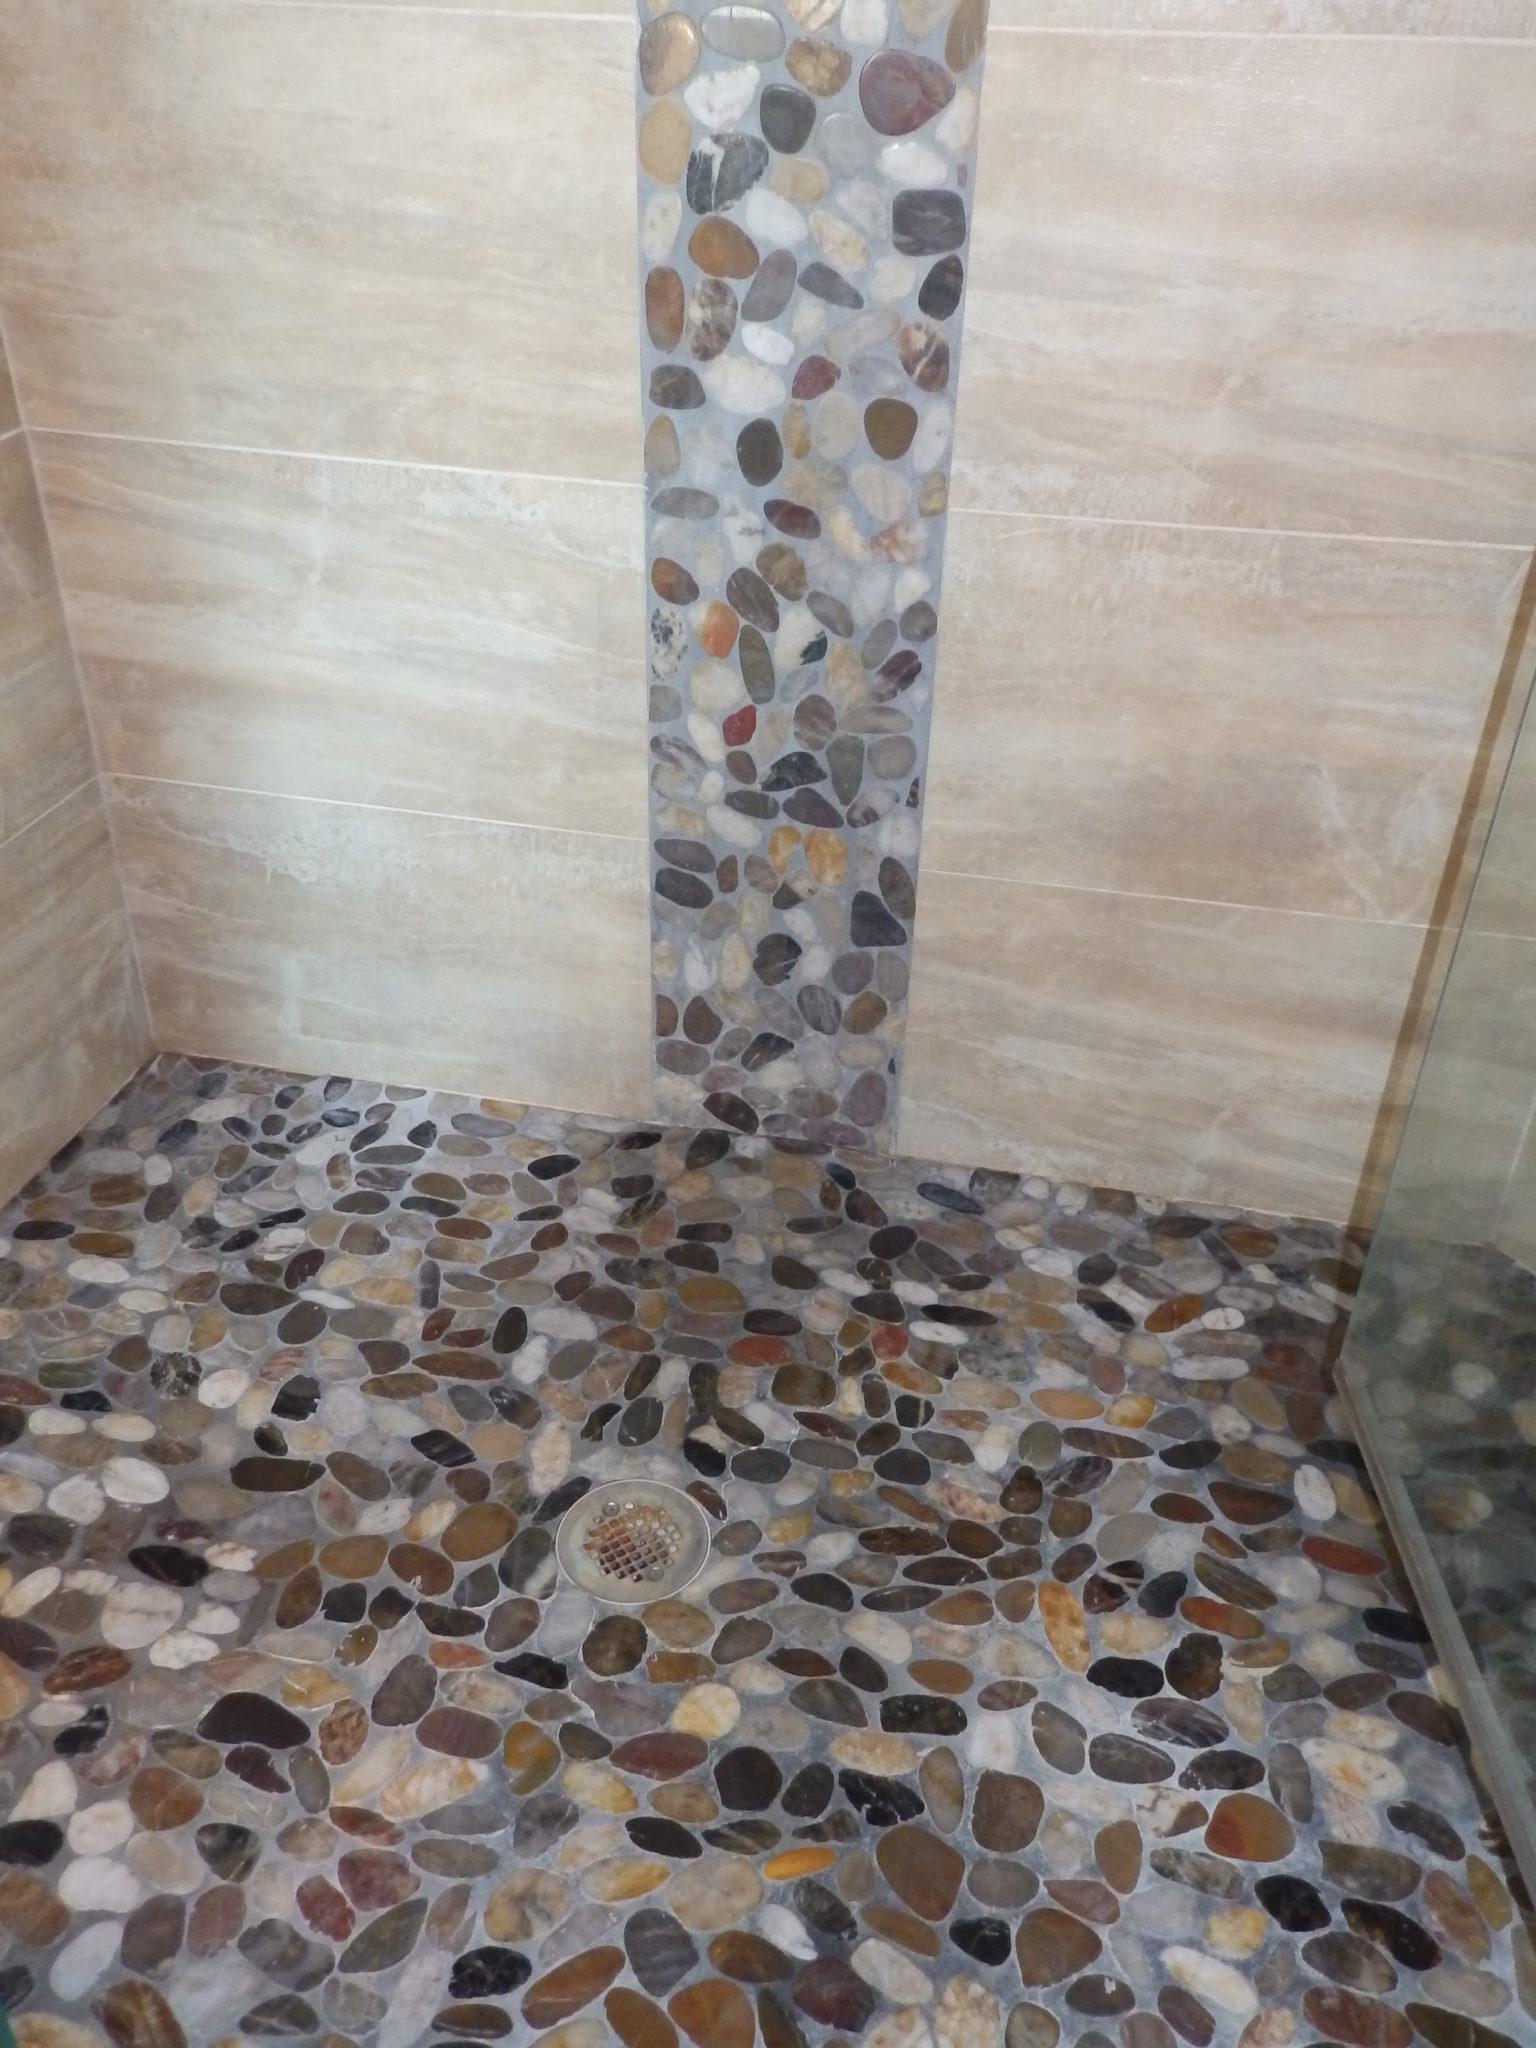 Bathroom shower floor